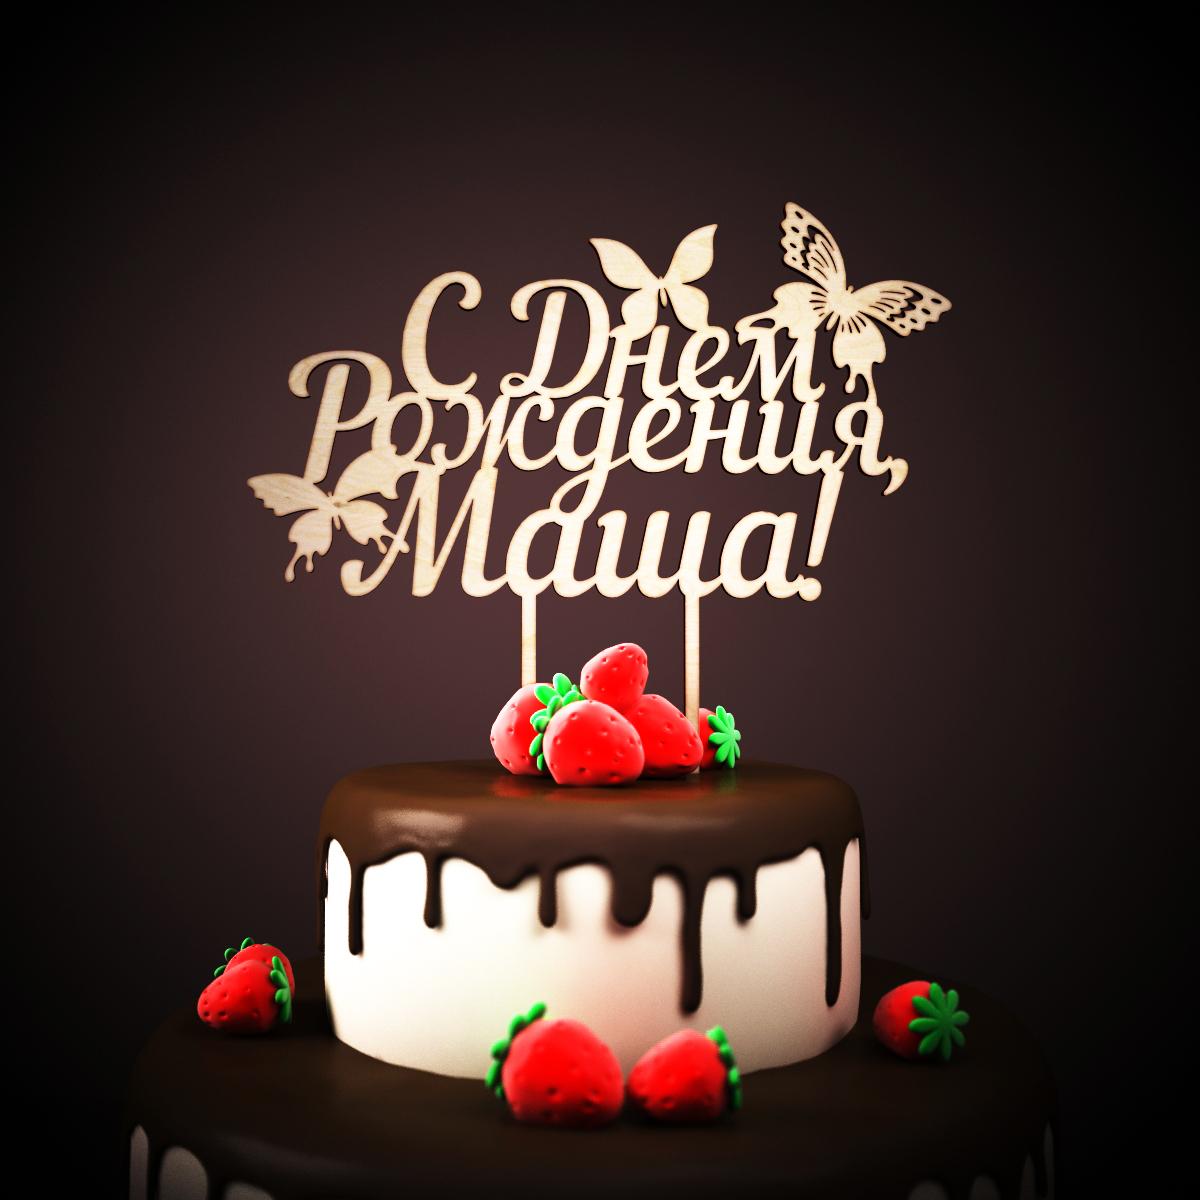 Поздравление с днем рождения маши